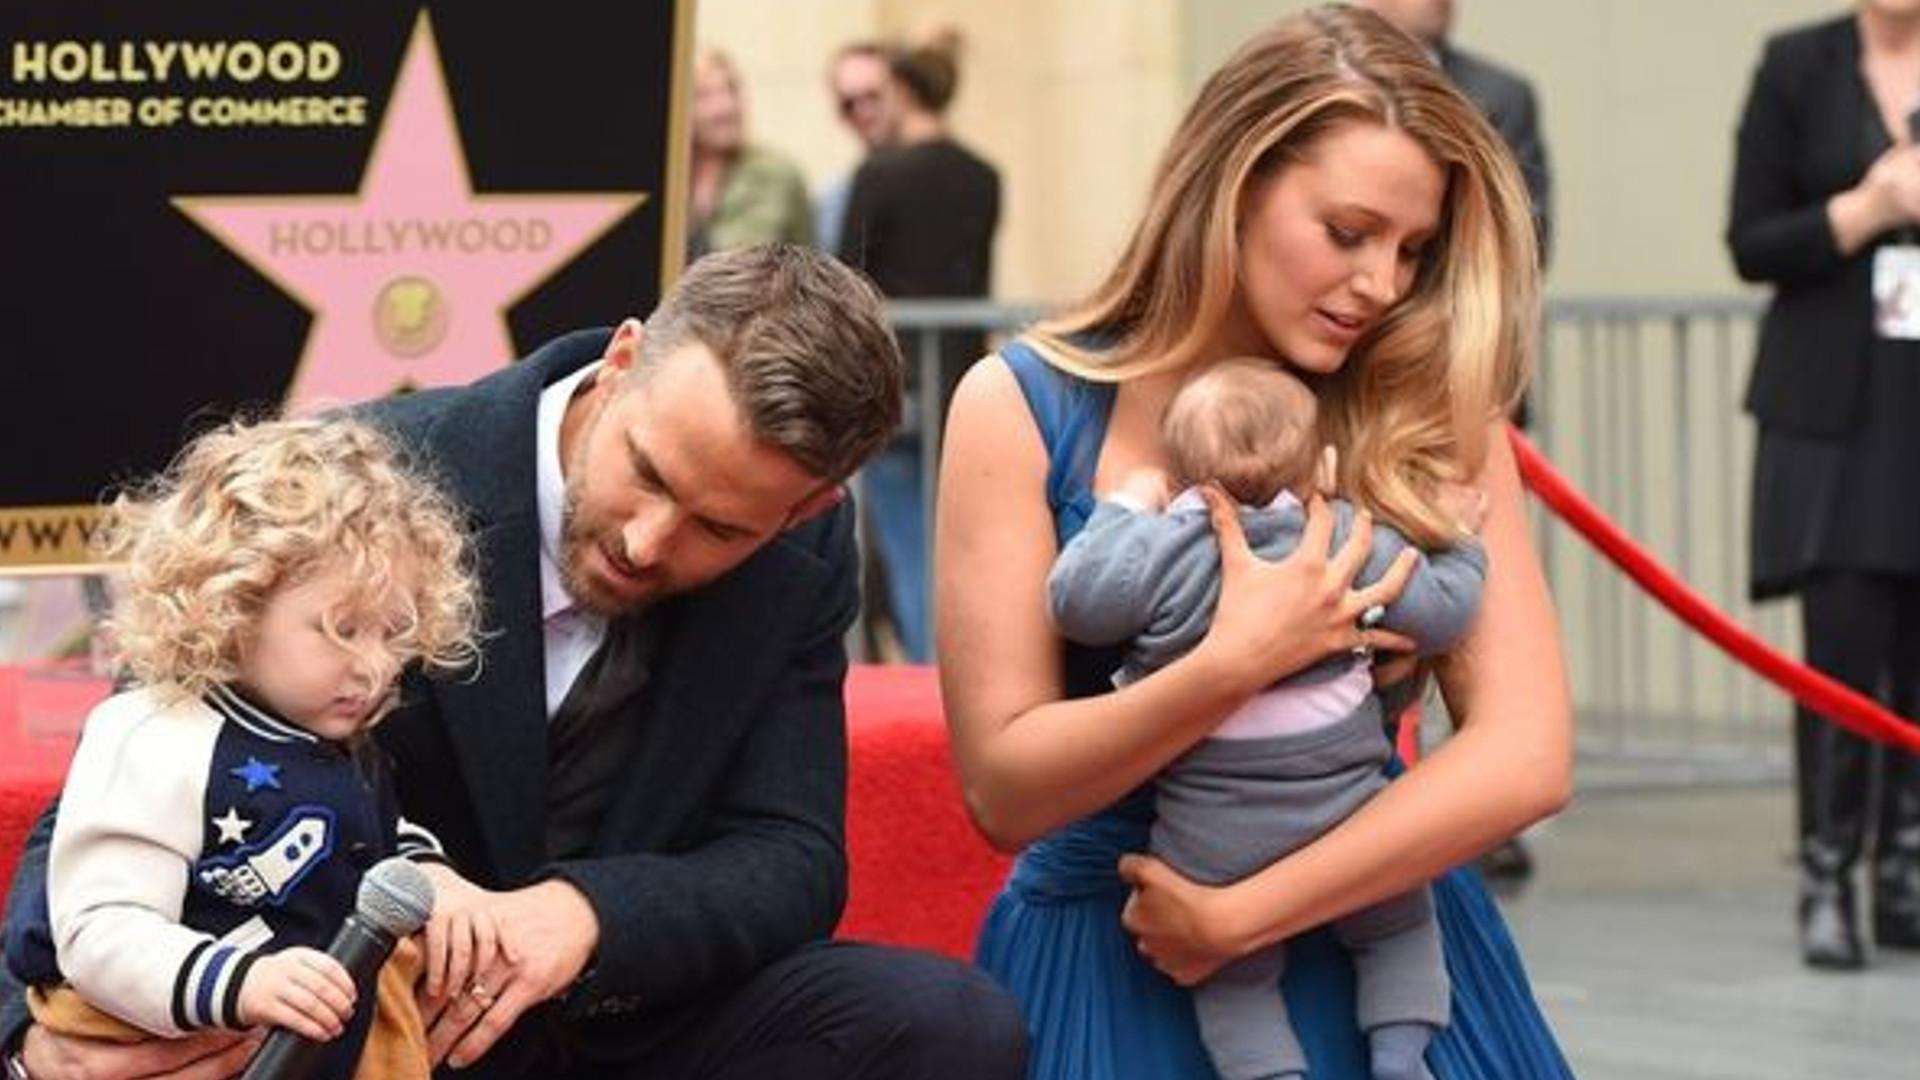 Blake Lively i Ryan Reynolds pokazali pierwsze zdjęcie z córeczką, która urodziła się latem